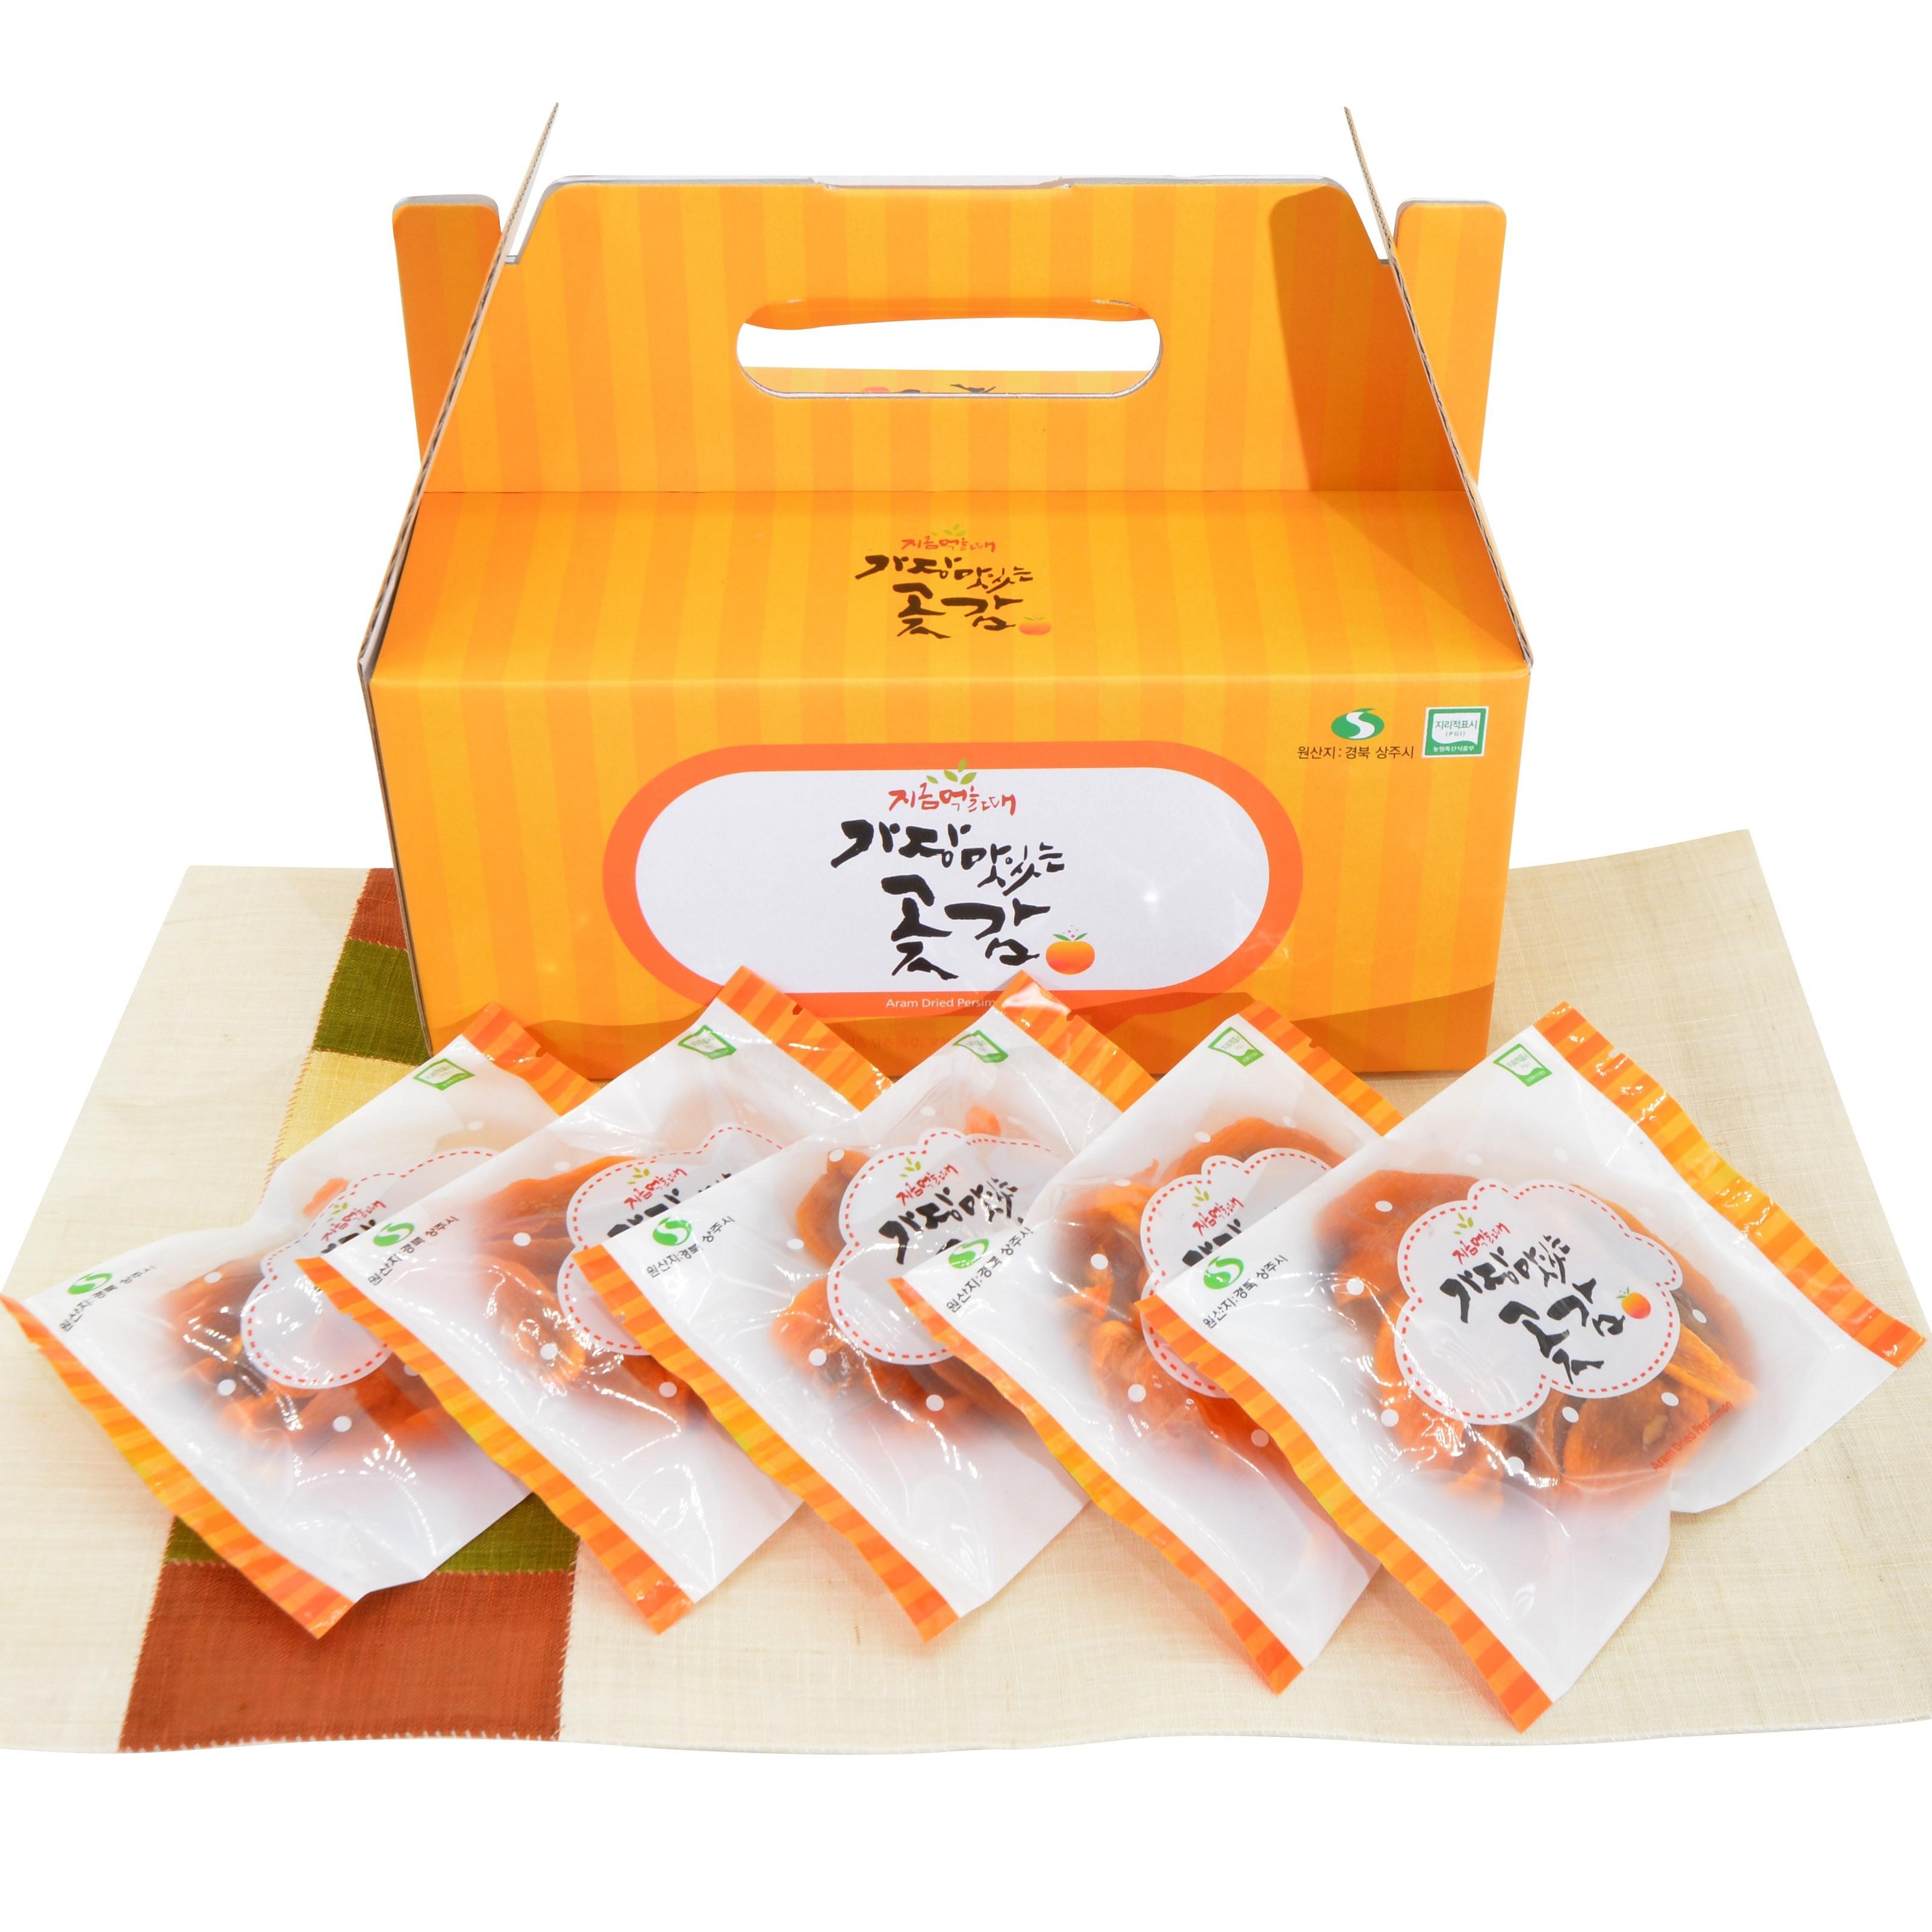 하루한봉 대봉 감말랭이 세트[1박스], 단일상품